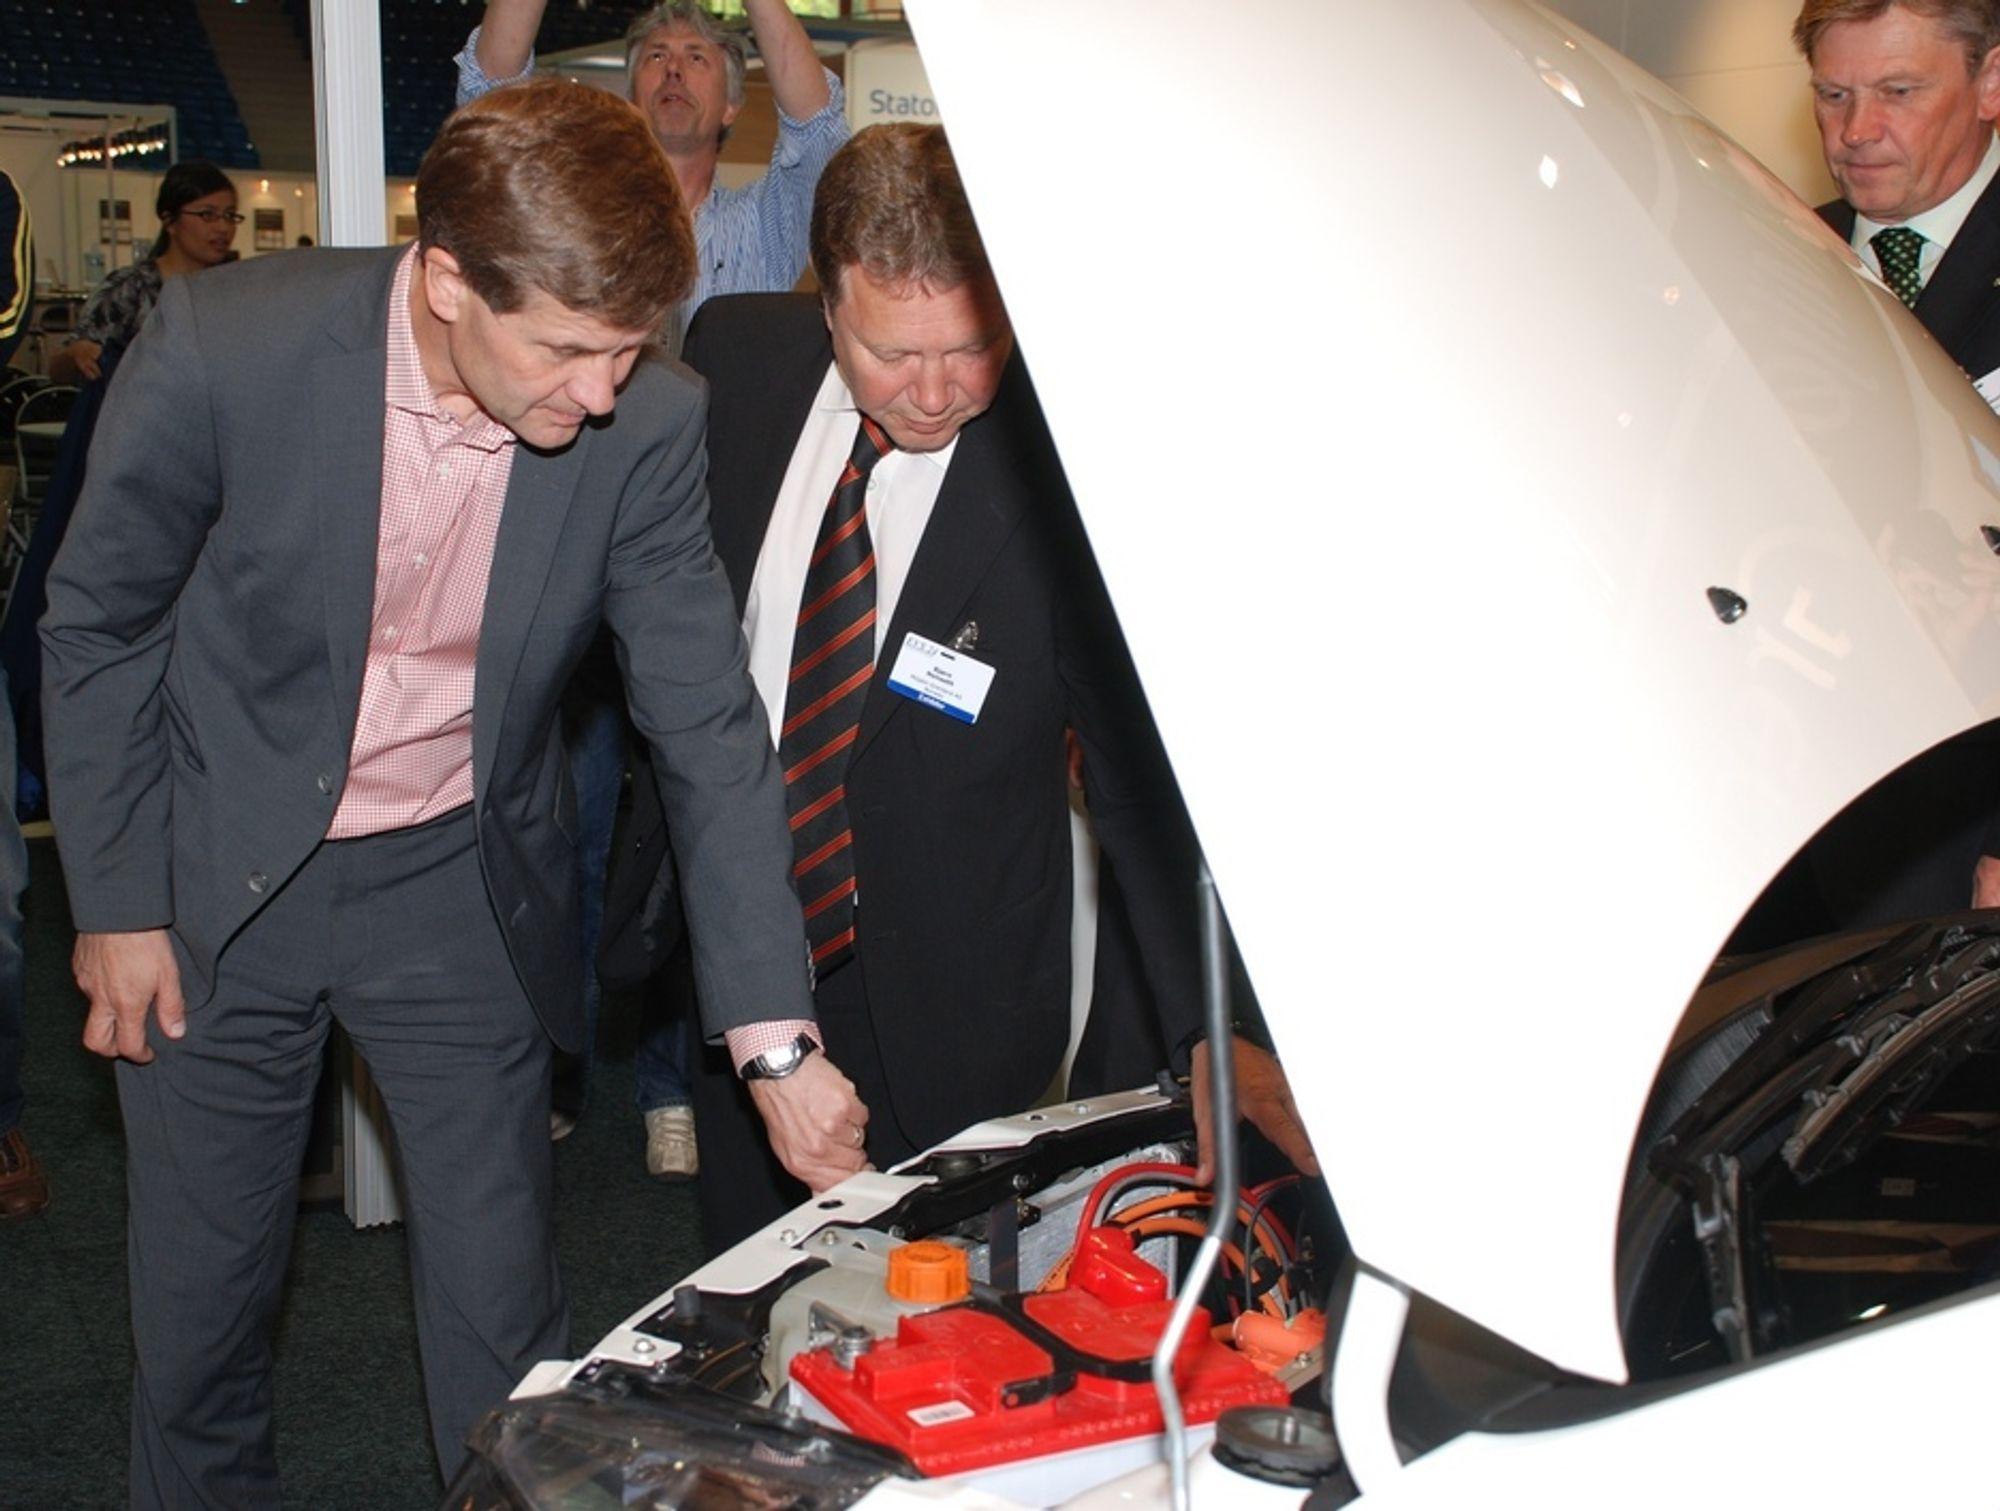 SIER OPP: Her viser Miljø Innovasjon-direktør Ivar Brynhildsvoll (f.h) og Miljøbil Grenland-direktør Bjørn Nenseth fram en Indica Vista EV-prototyp til blant andre miljø- og utviklingsminister Erik Solheim under EVS24 i Stavanger. Nå sier Miljøbil Grenland opp halve staben.